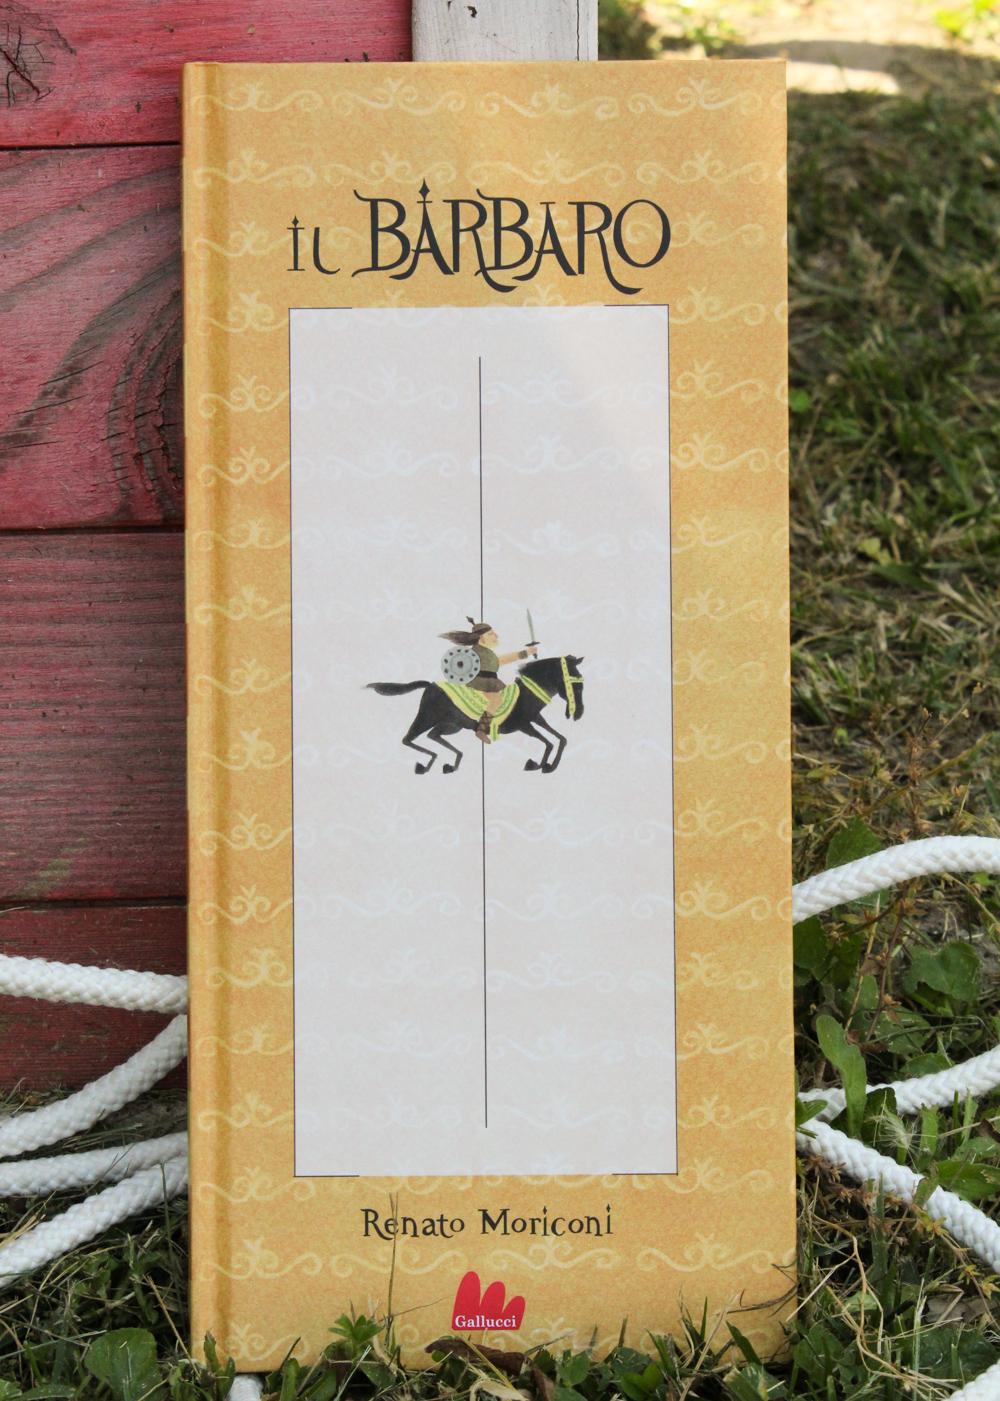 il barbaro - gallucci